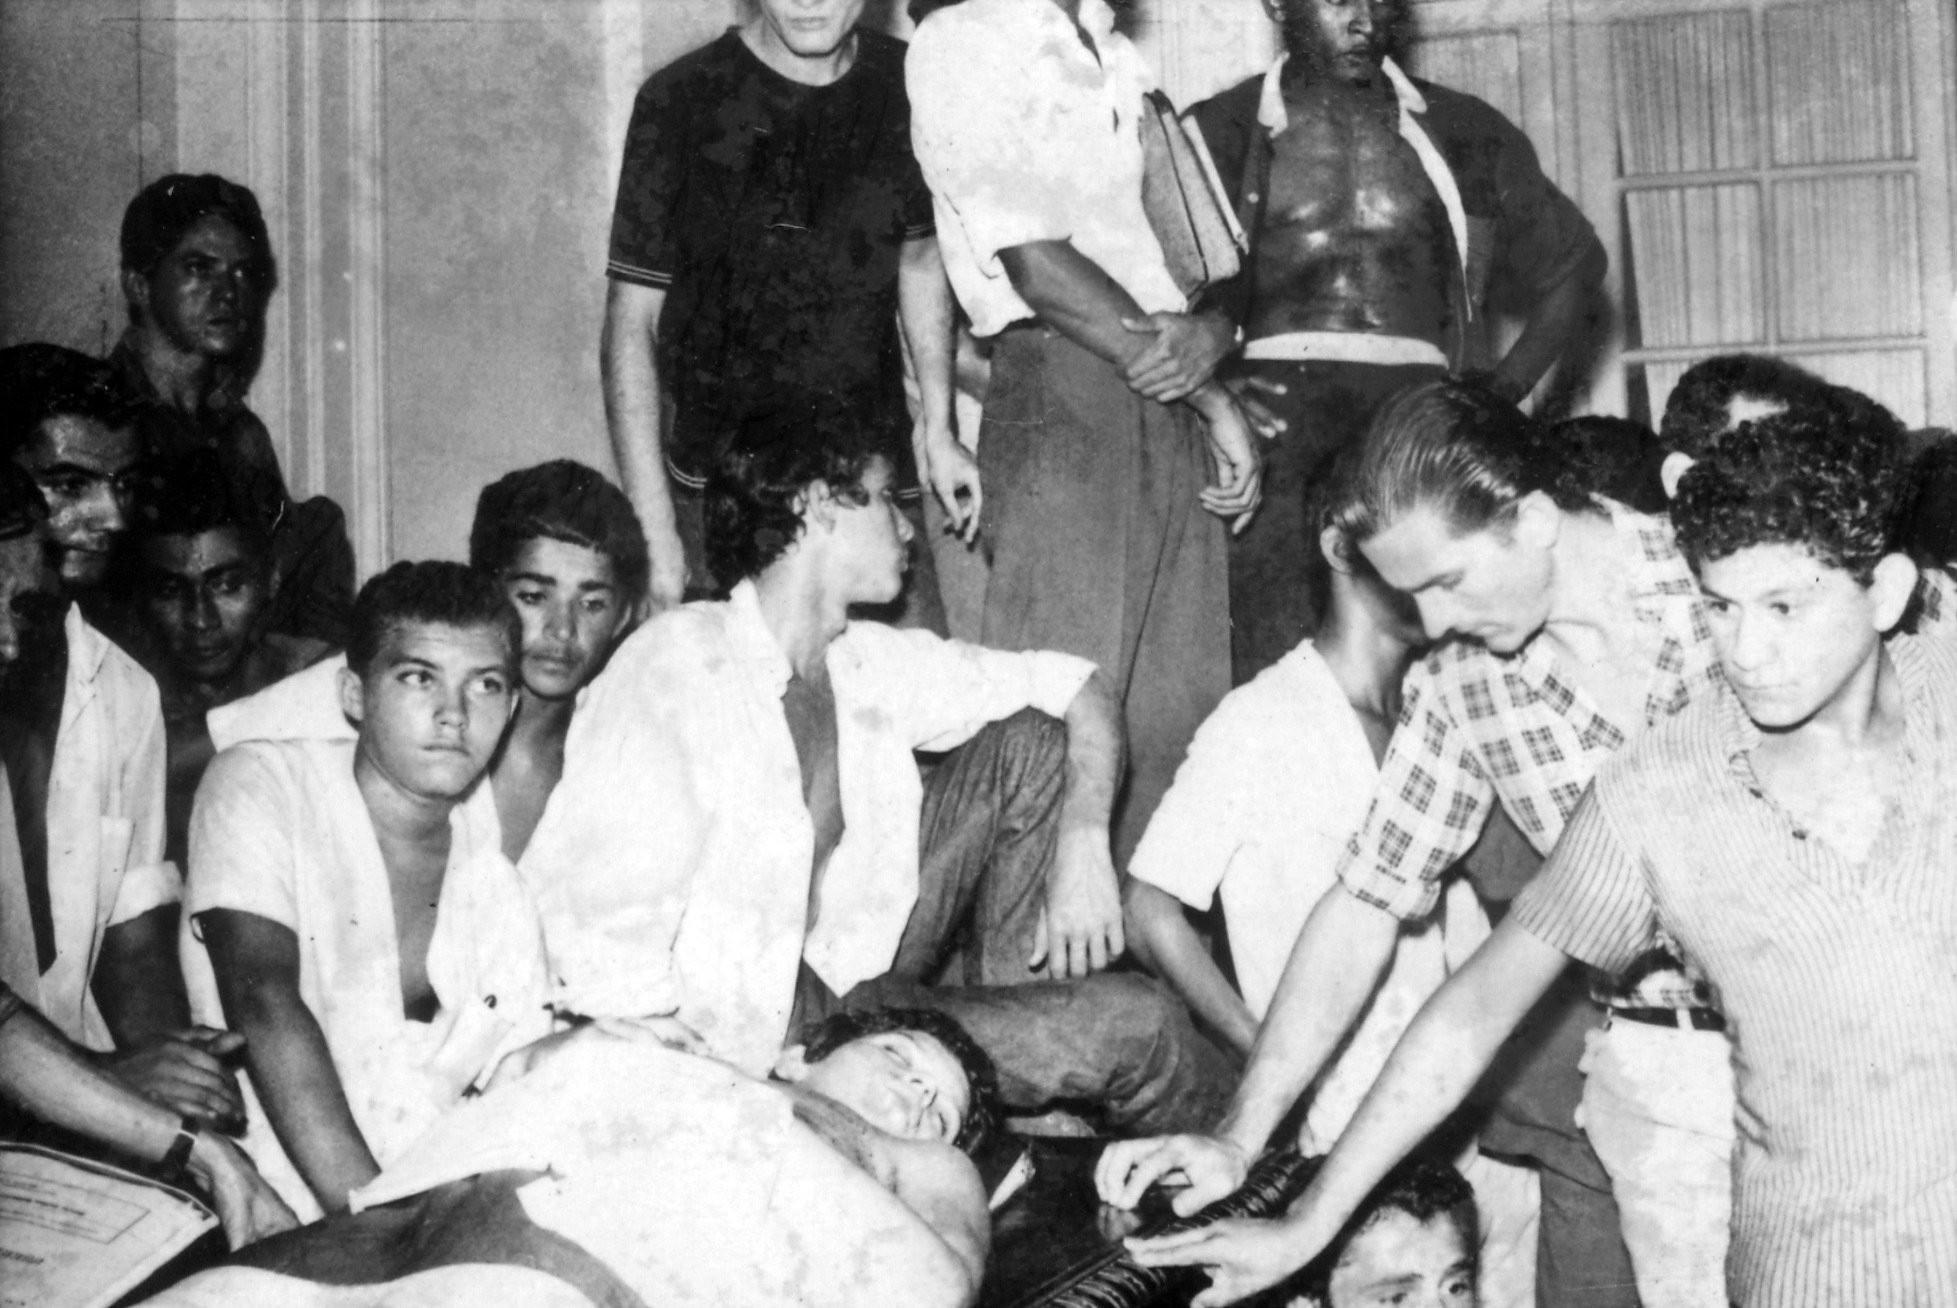 Um dos horrores da época foi o assassinato do secundarista Edson Luis pelos militares (Foto: Reprodução)